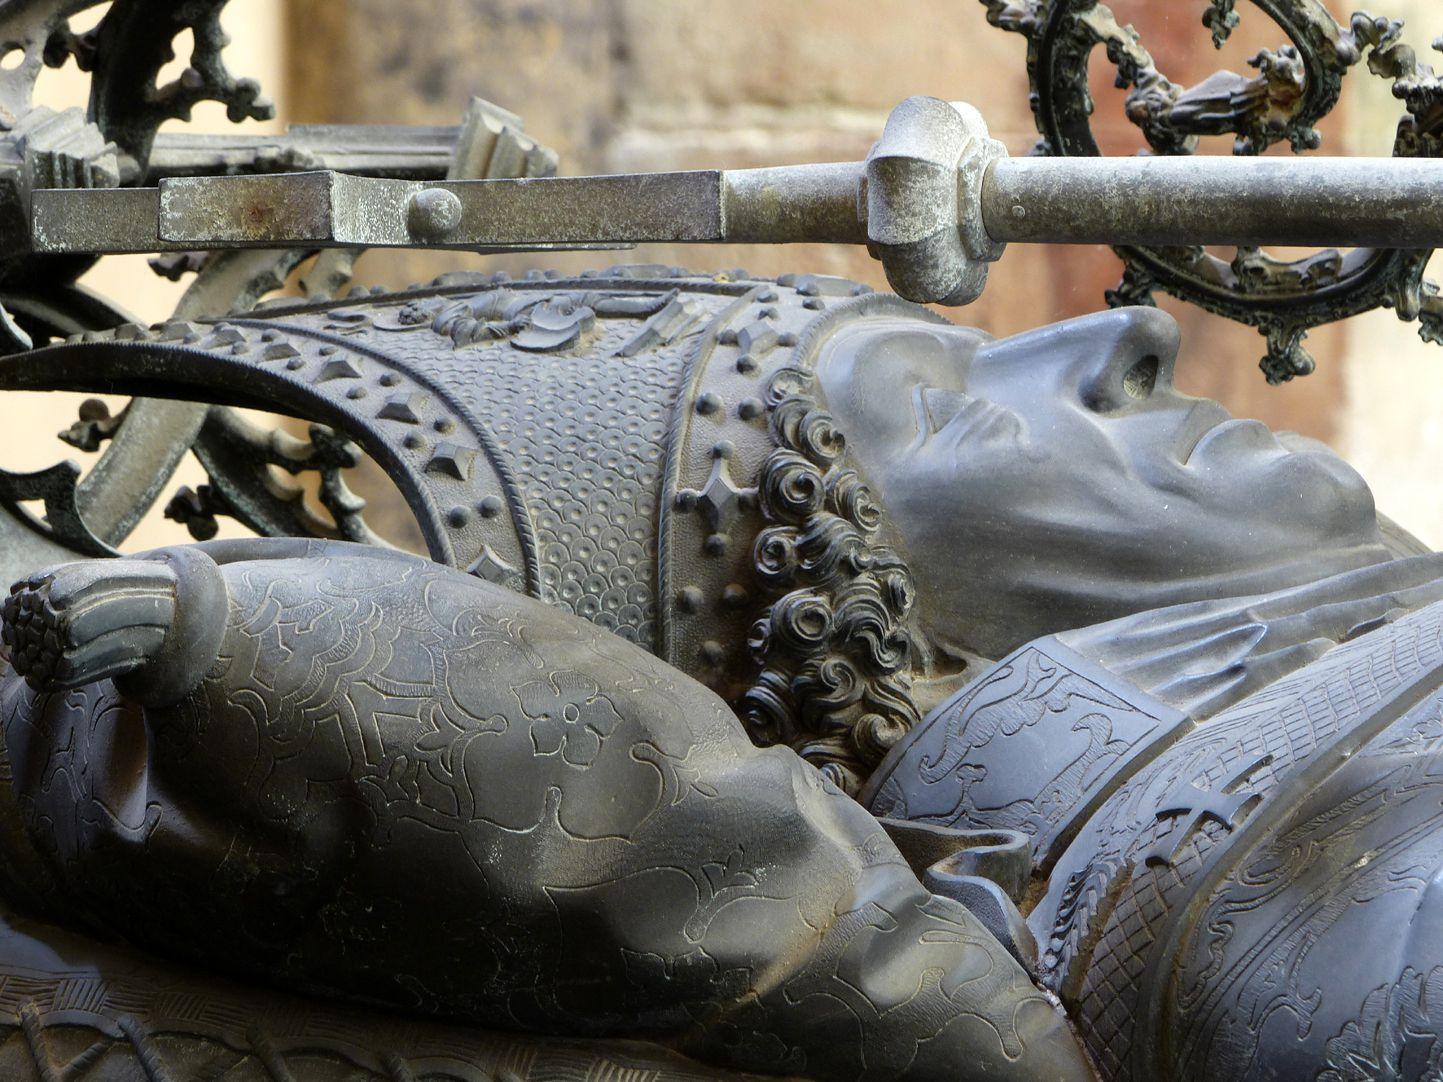 Tumba des Erzbischofs Ernst von Sachsen Das liegende Bischofshaupt von Süd